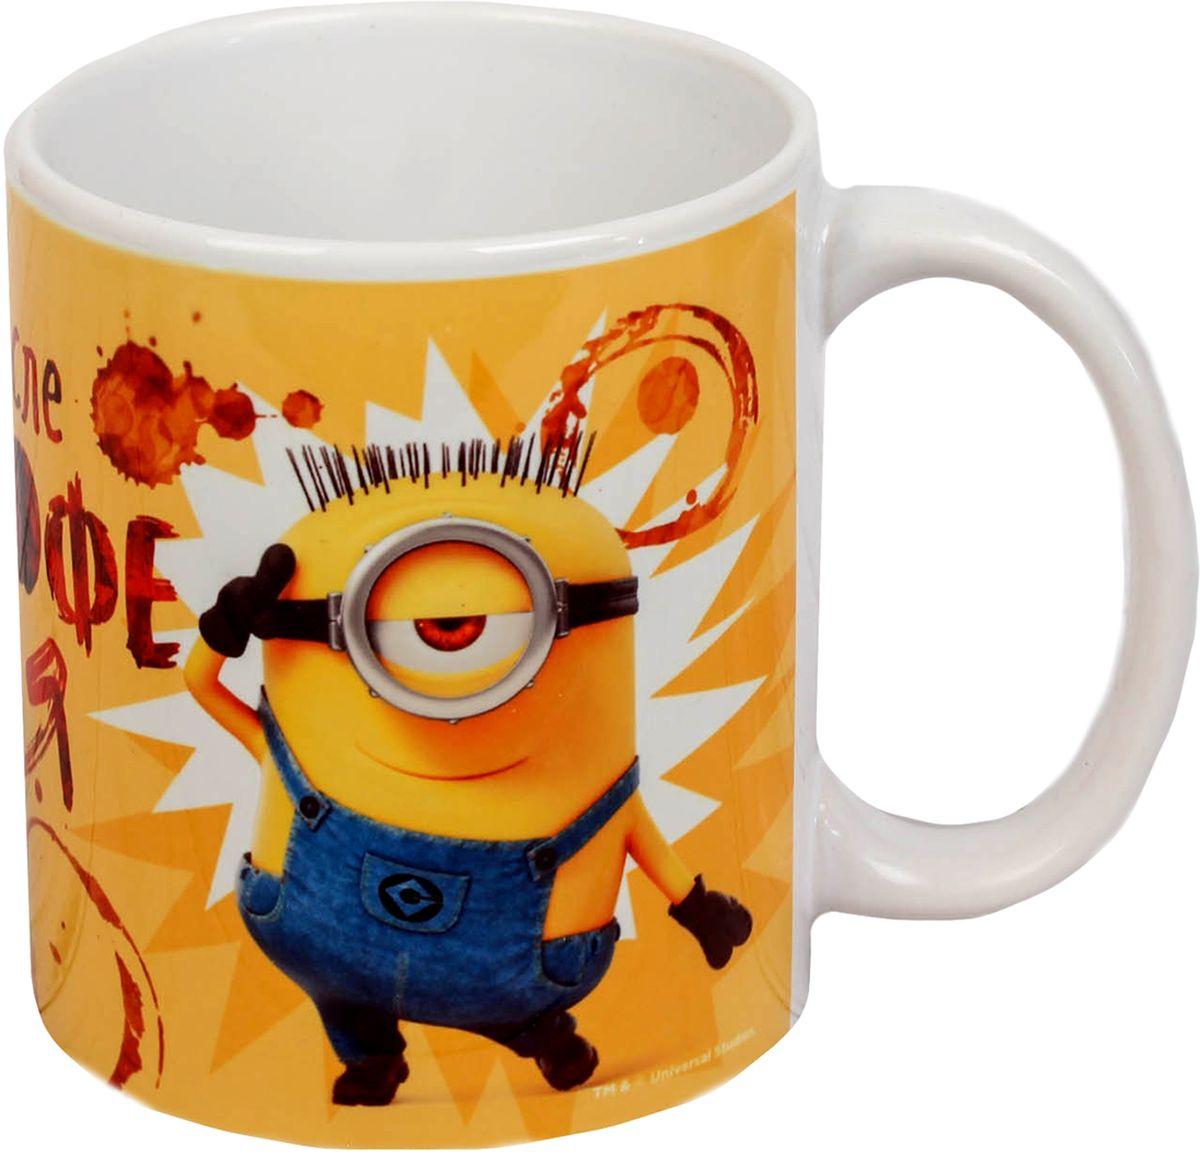 Кружка керамическая Гадкий Я Миньоны. Кофе, цвет: желтый, 350 мл mymei 1 комплект 12шт набор гадкий я 2 миньоны рисунок игрушки в розницу 96408